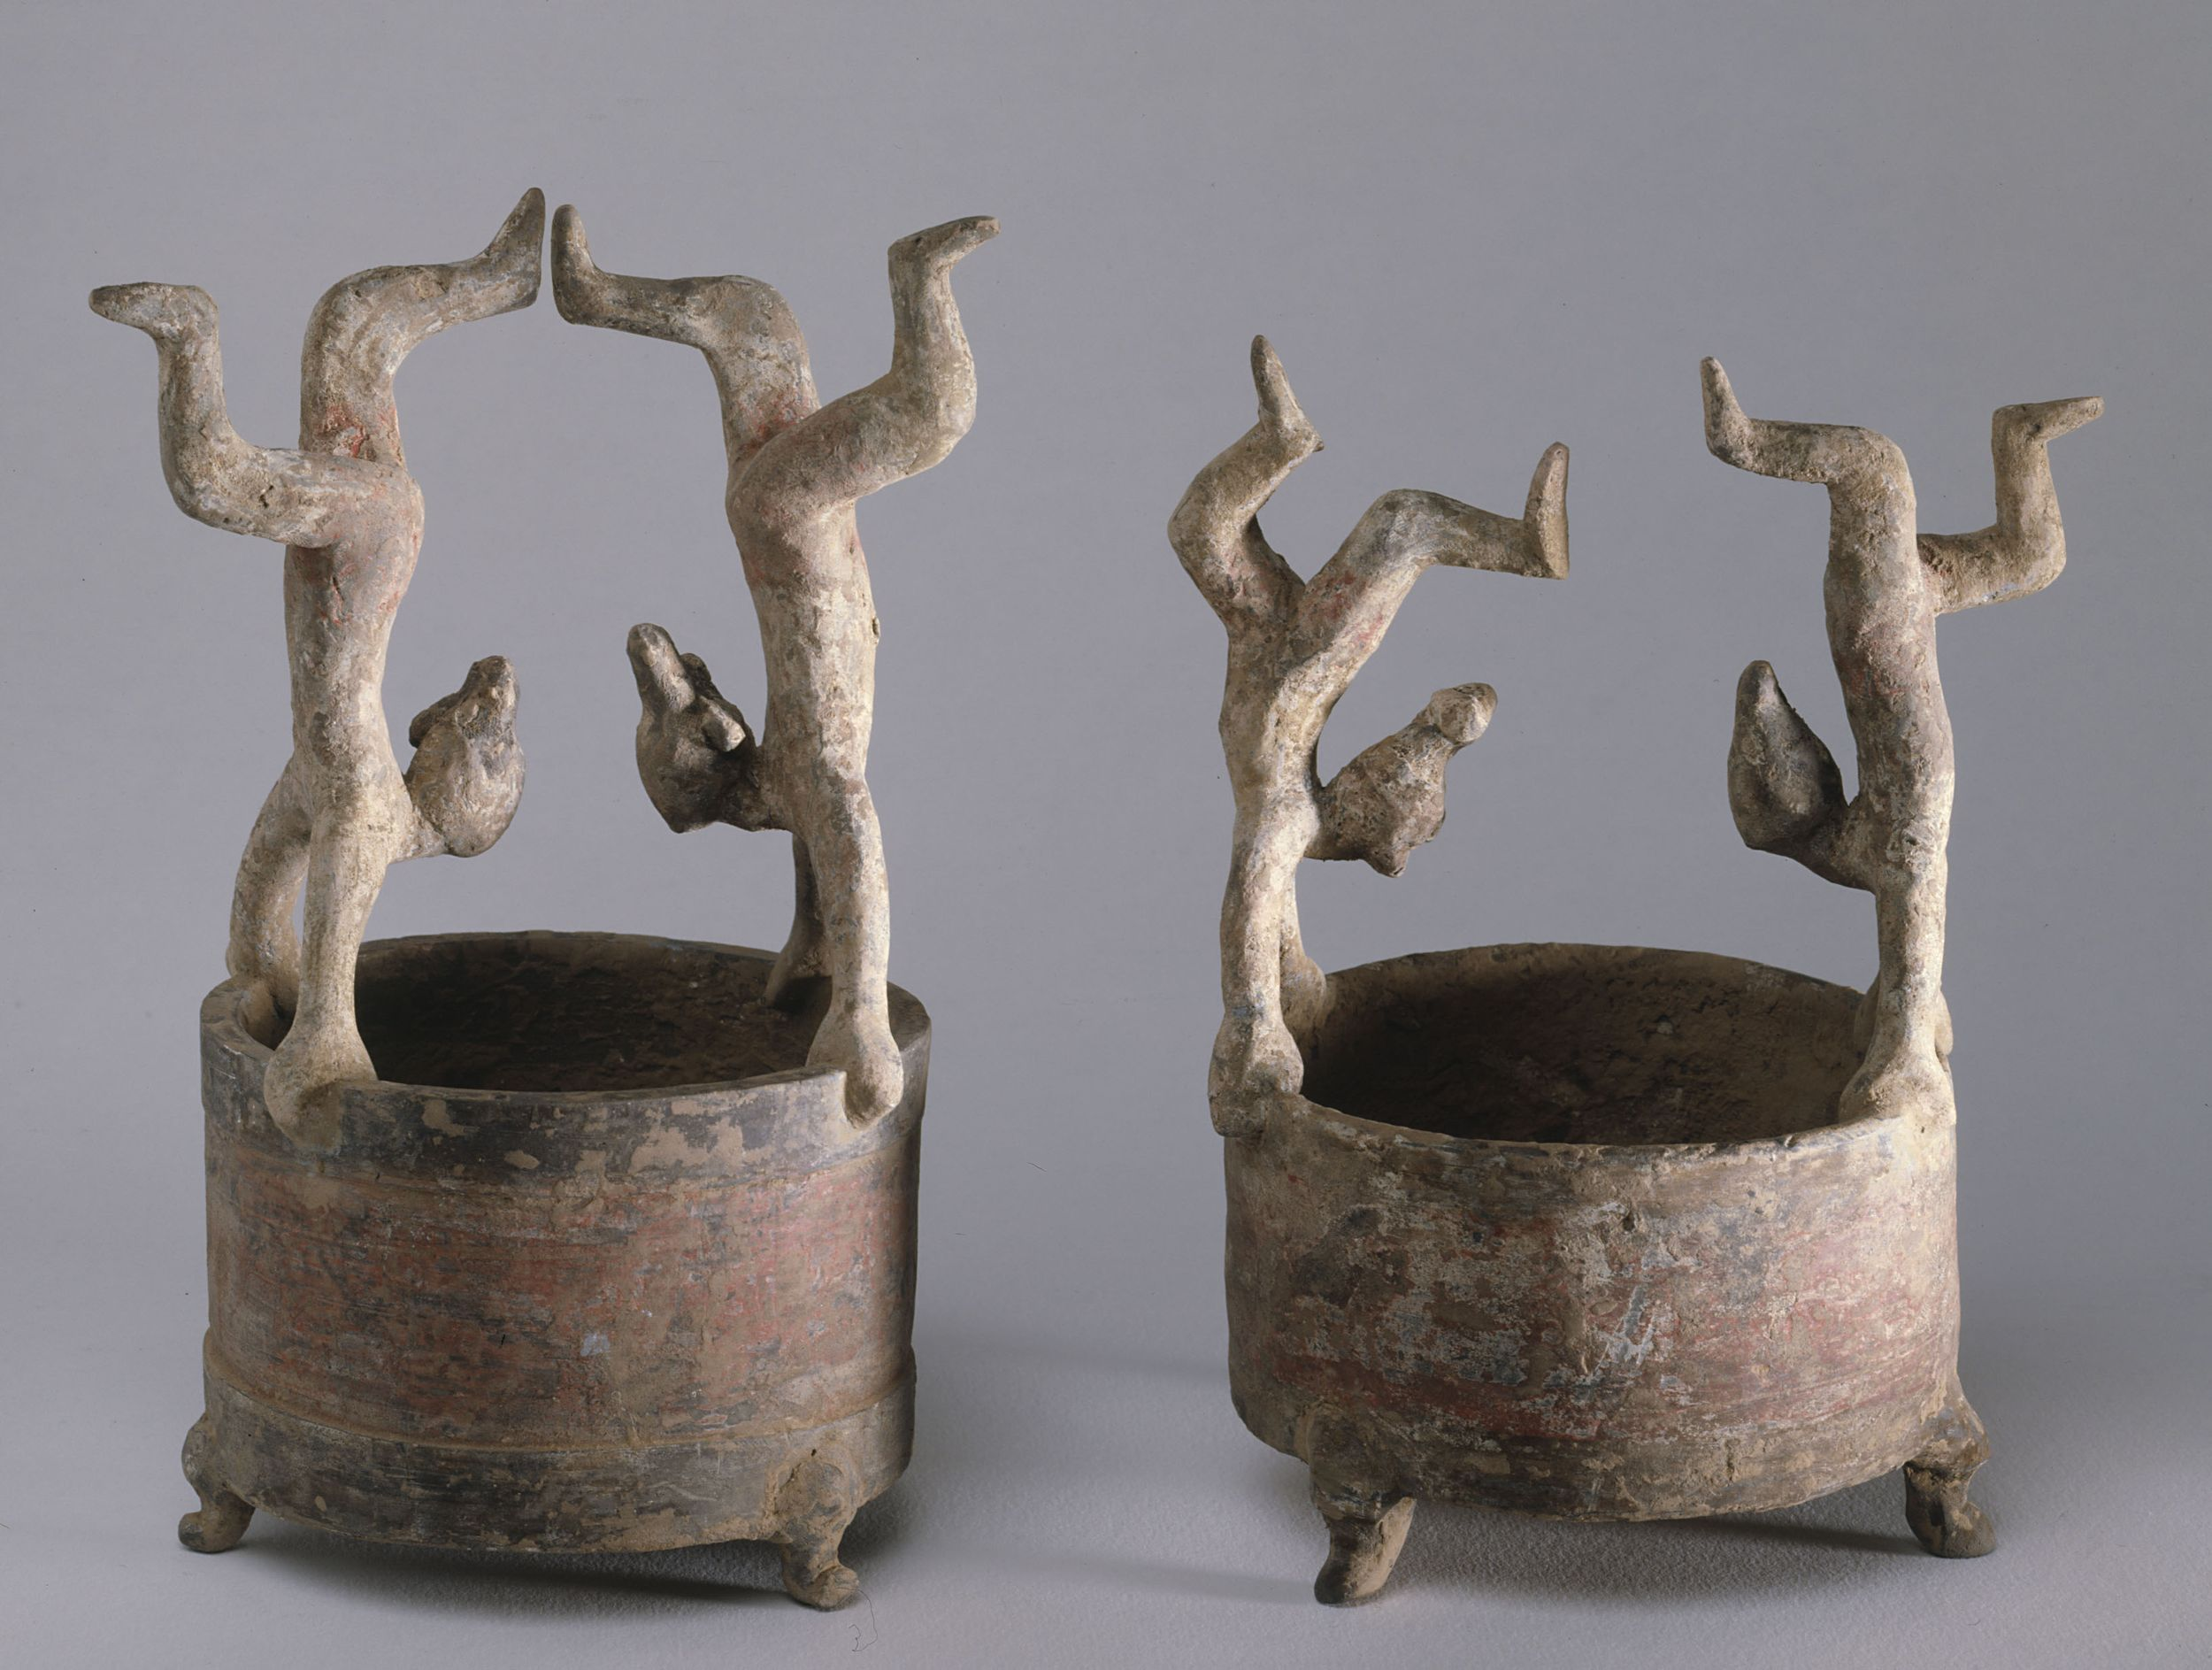 Vases pour réchauffer l'alcool, terre cuite, couleurs , pigments, dynastie Han de l'Est